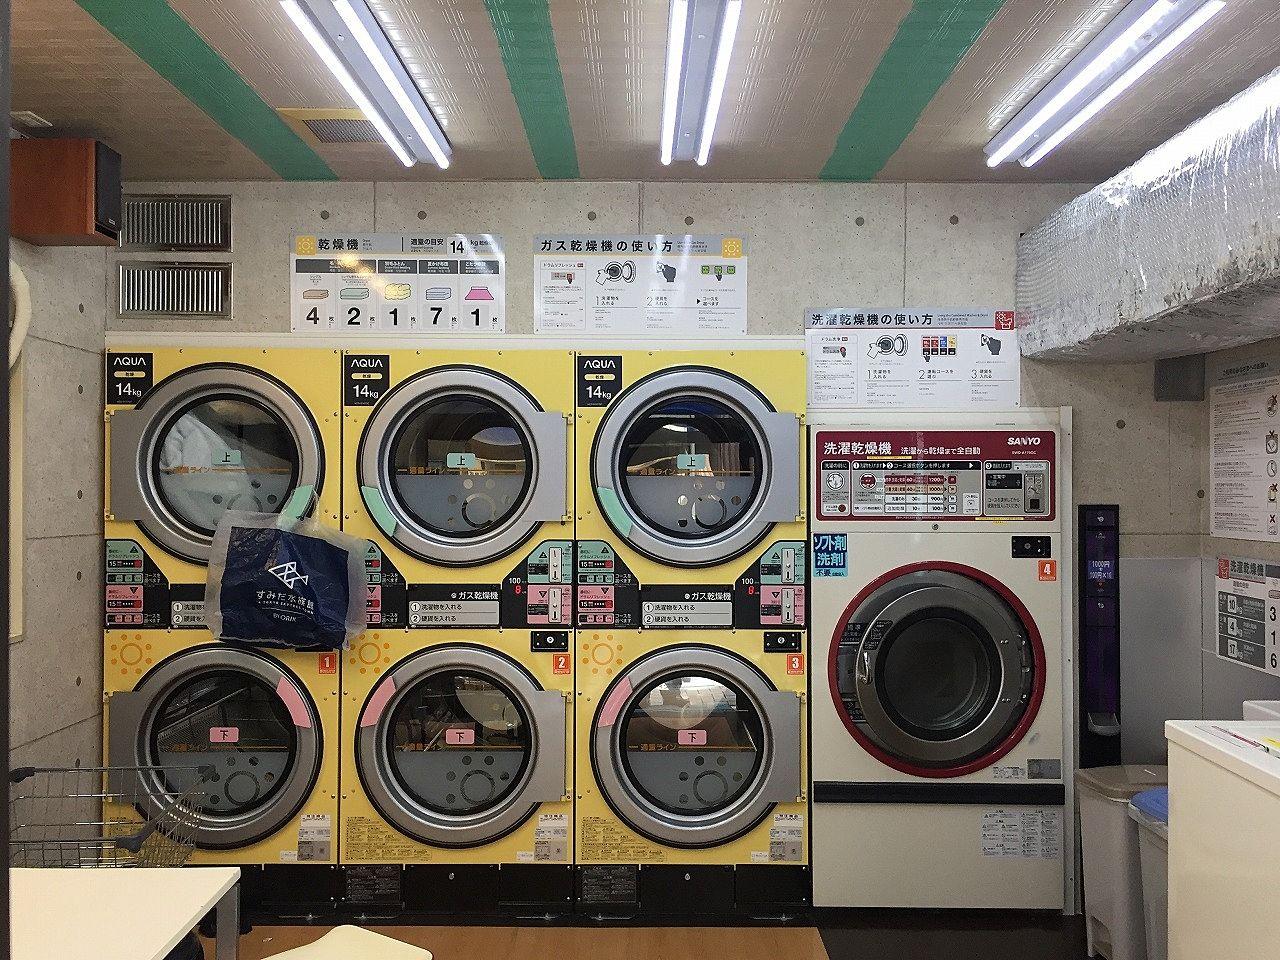 文京区千石の24時間営業のコインランドリー「ザナドゥ」